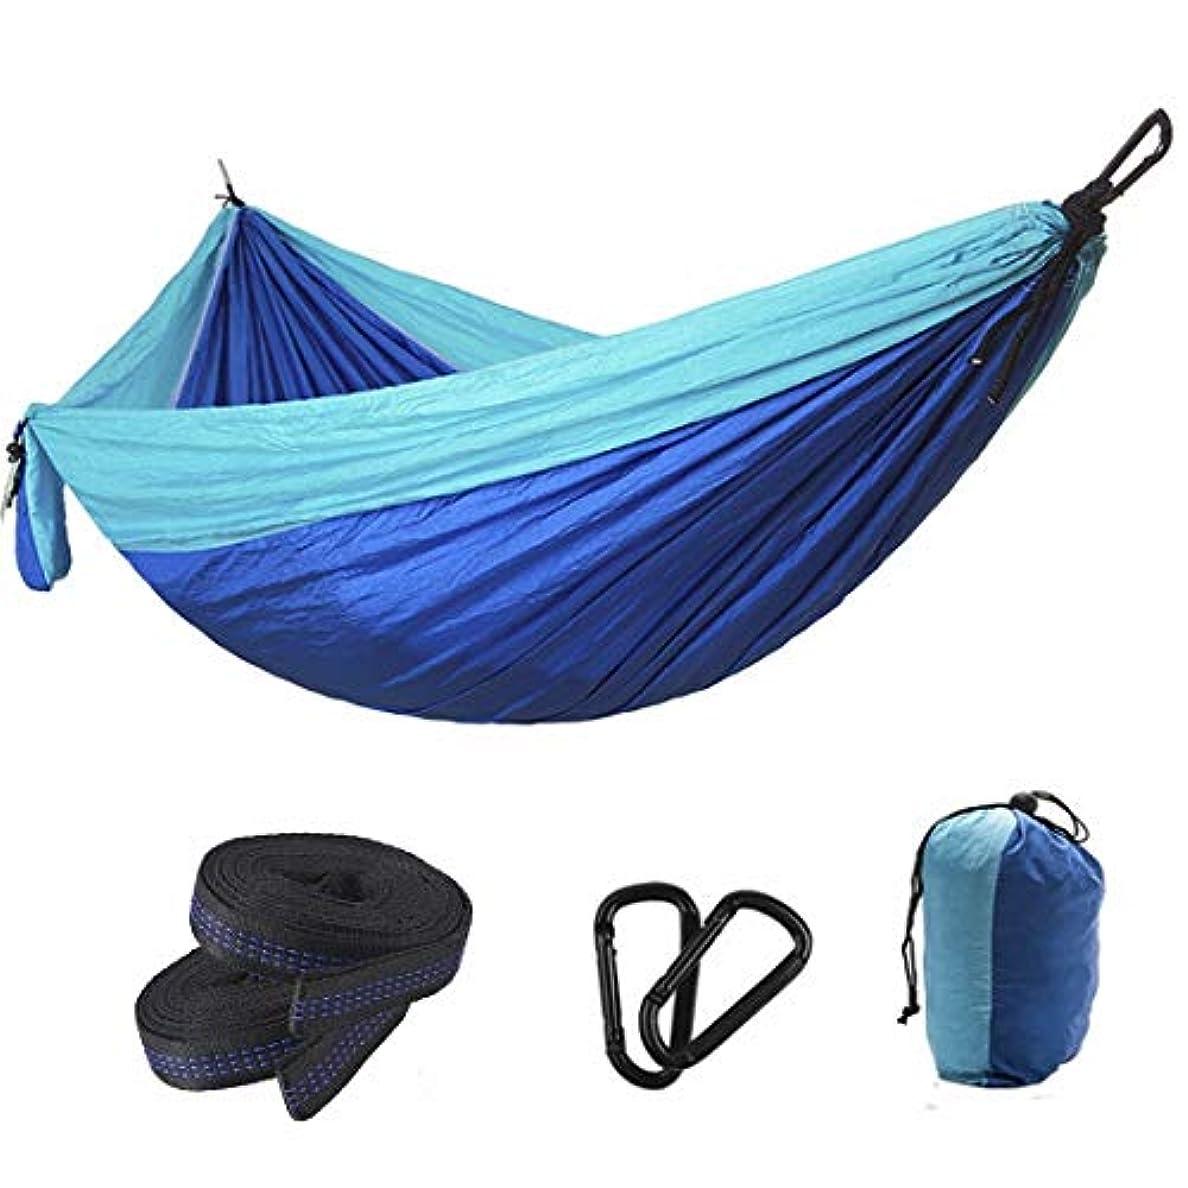 印をつける挽くモザイクKerwinner 長い屋外のキャンプ用品スイングを増やすためにカラーマッチングナイロンパラシュート布ダブルハンモック (Color : 2)